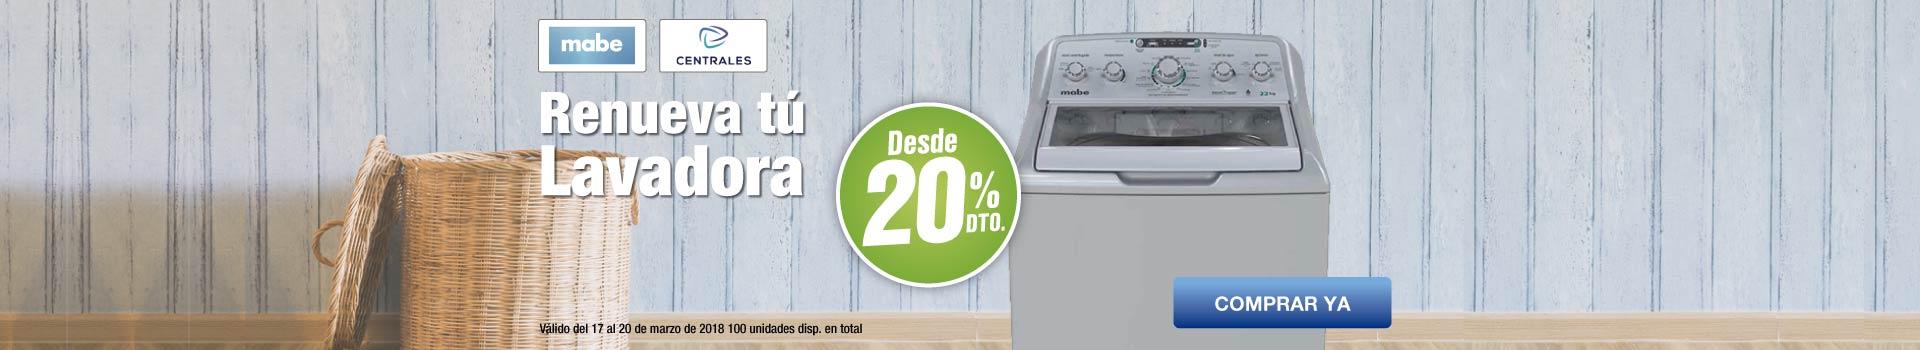 CAT-LAVSEC-AKyKT-1-LB-descuentos-lavado-mabe-centrales-cat-marzo17-20